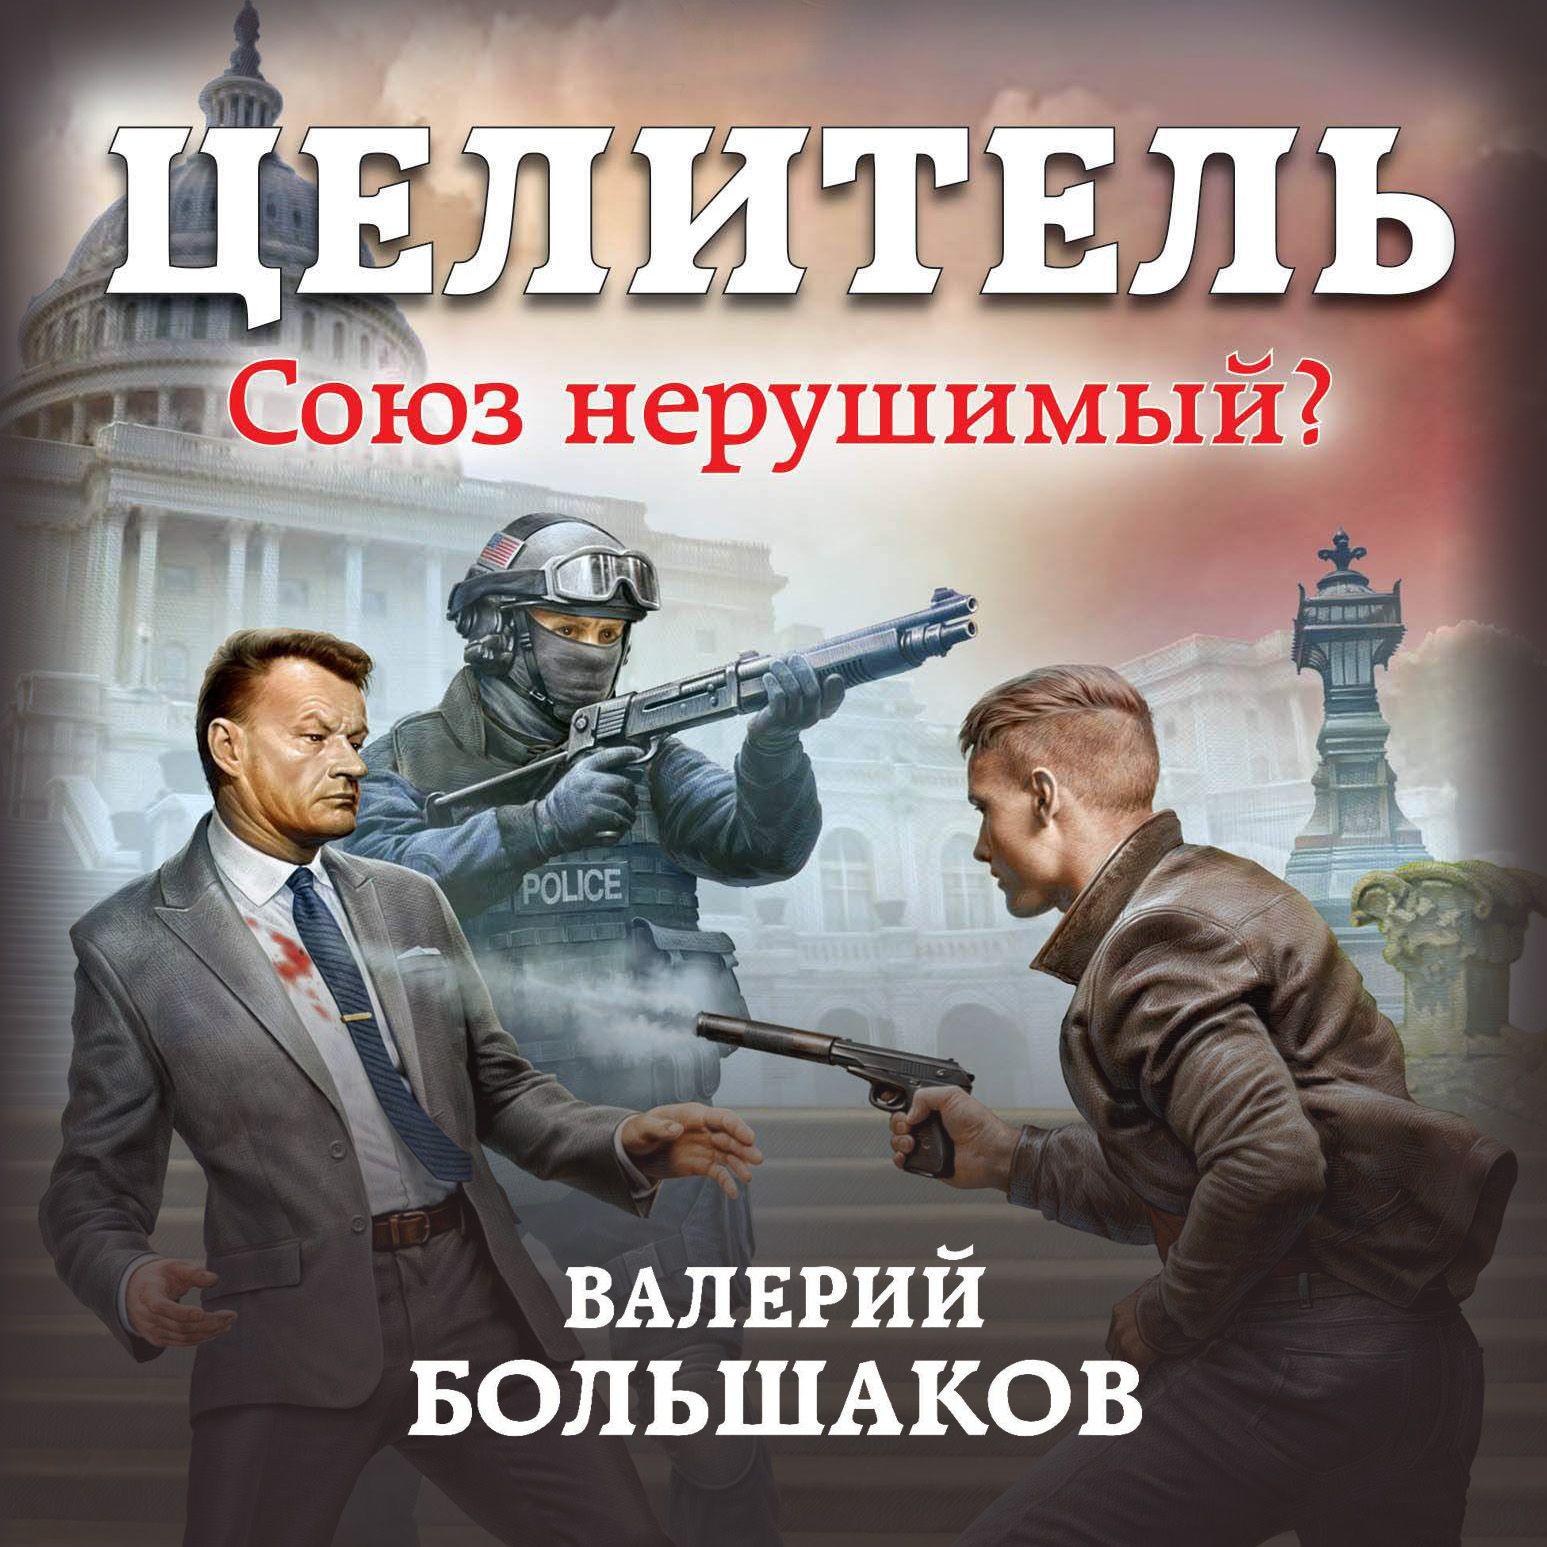 Купить книгу Целитель. Союз нерушимый?, автора Валерия Большакова